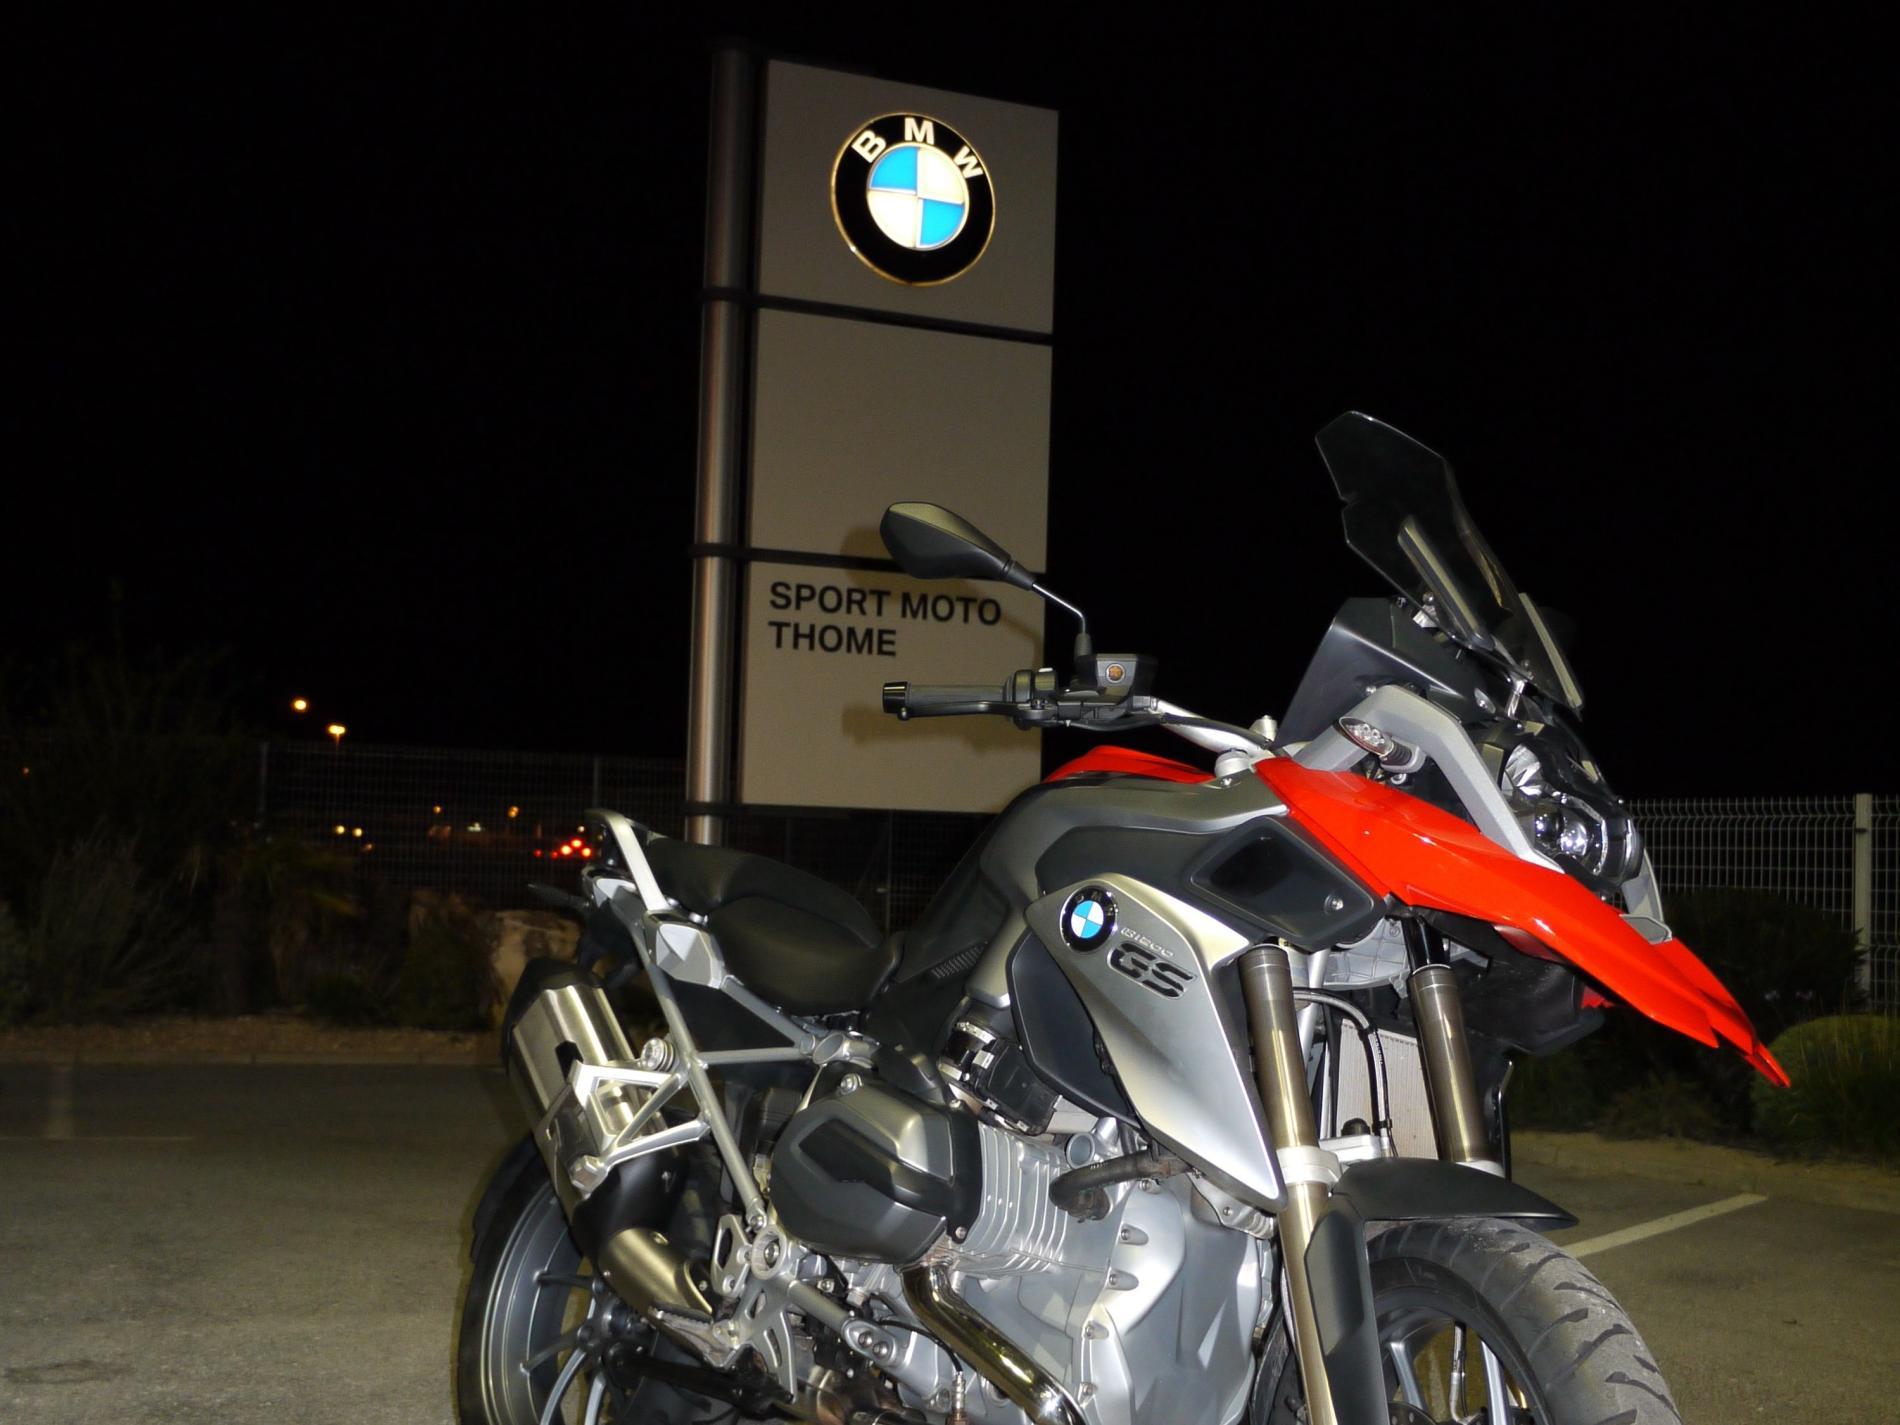 Évènement exceptionnel : Présentation de la nouvelle BMW R1200GS - medium